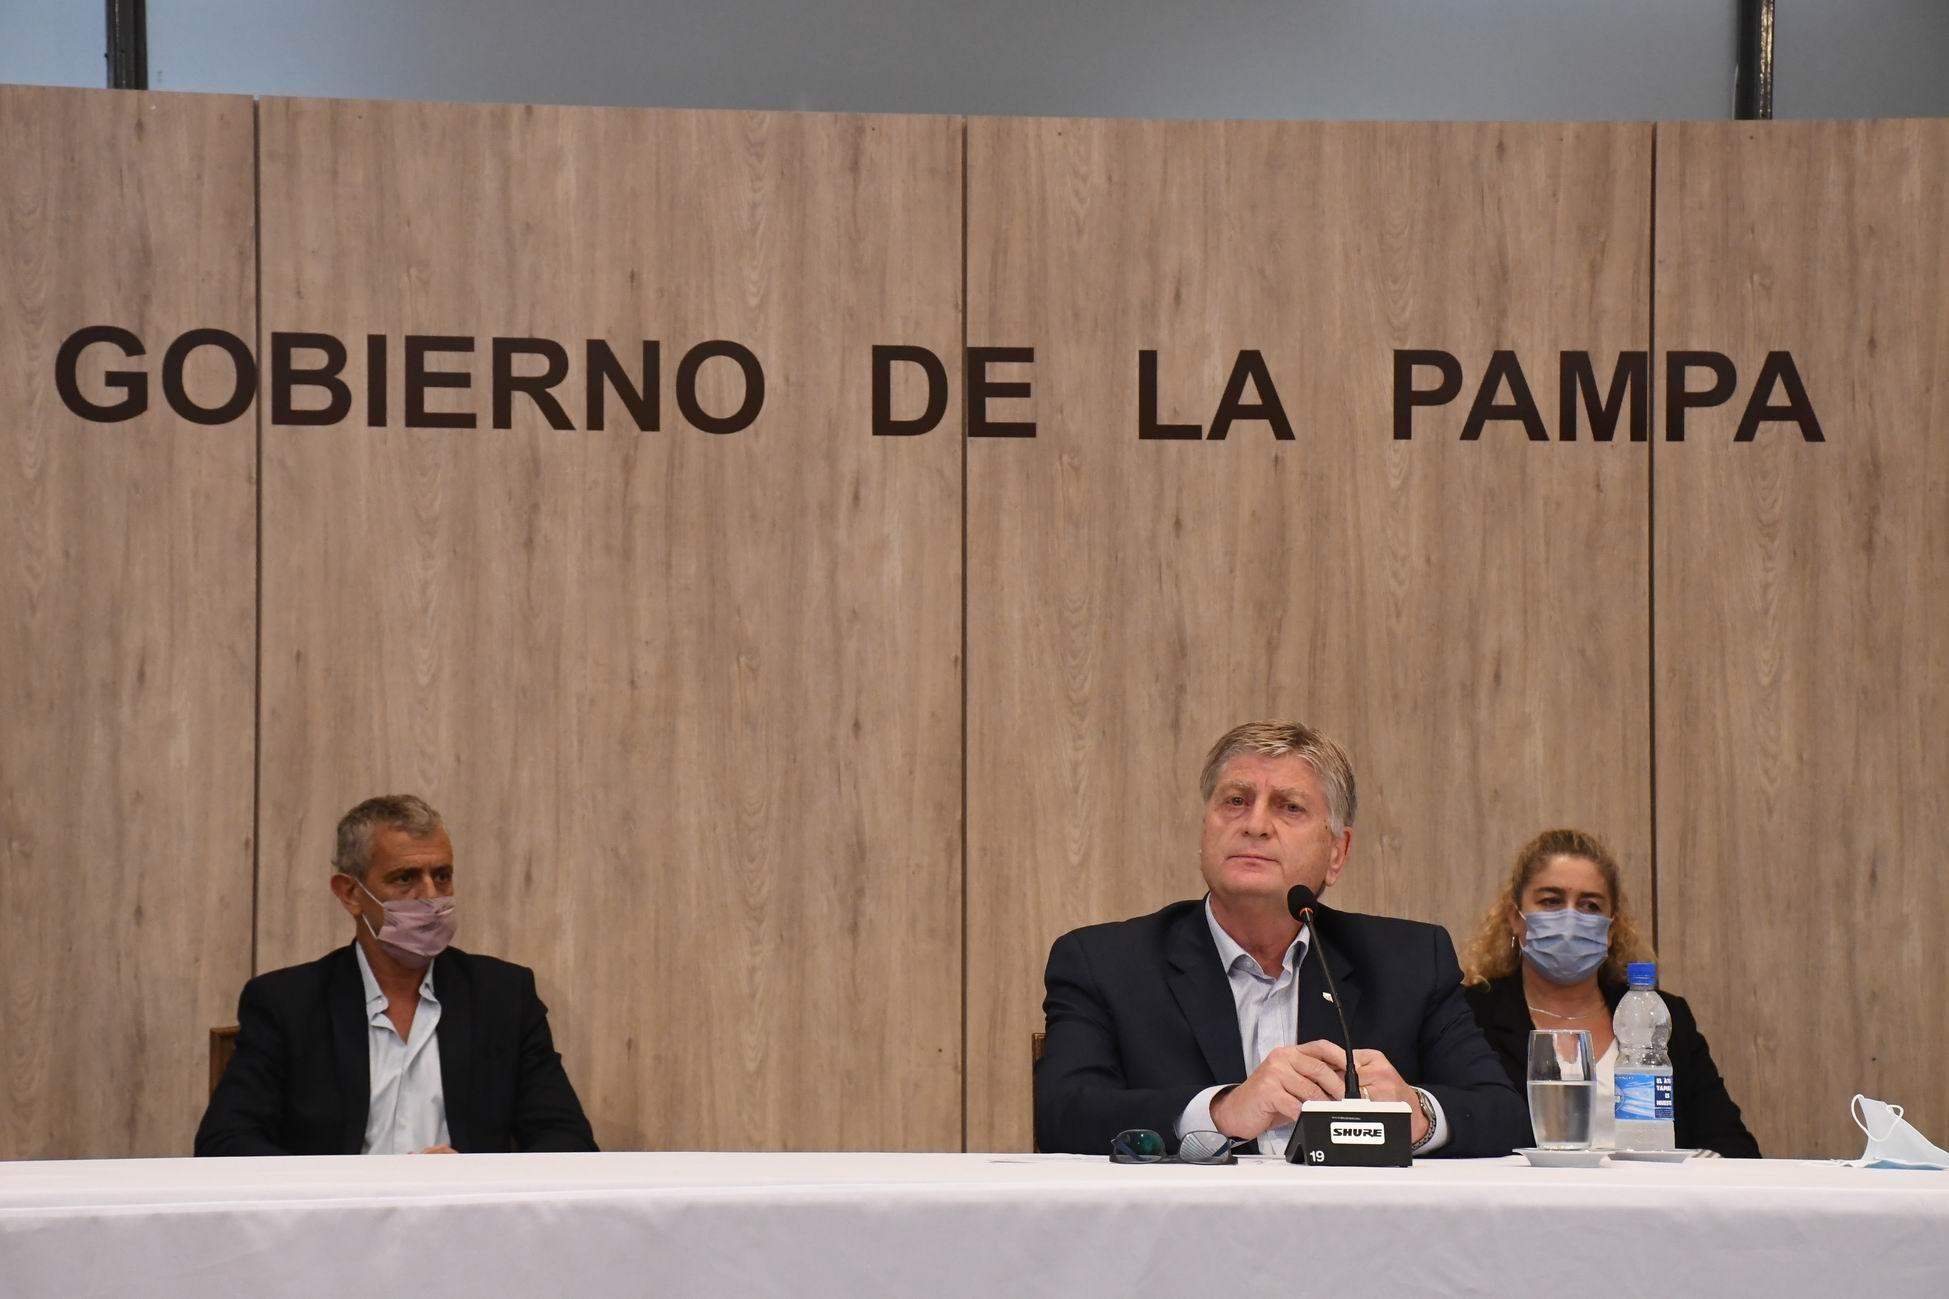 """Sergio Ziliotto: """"En La Pampa no se modificarán horarios ni actividades y no se incorporarán nuevas restricciones"""""""